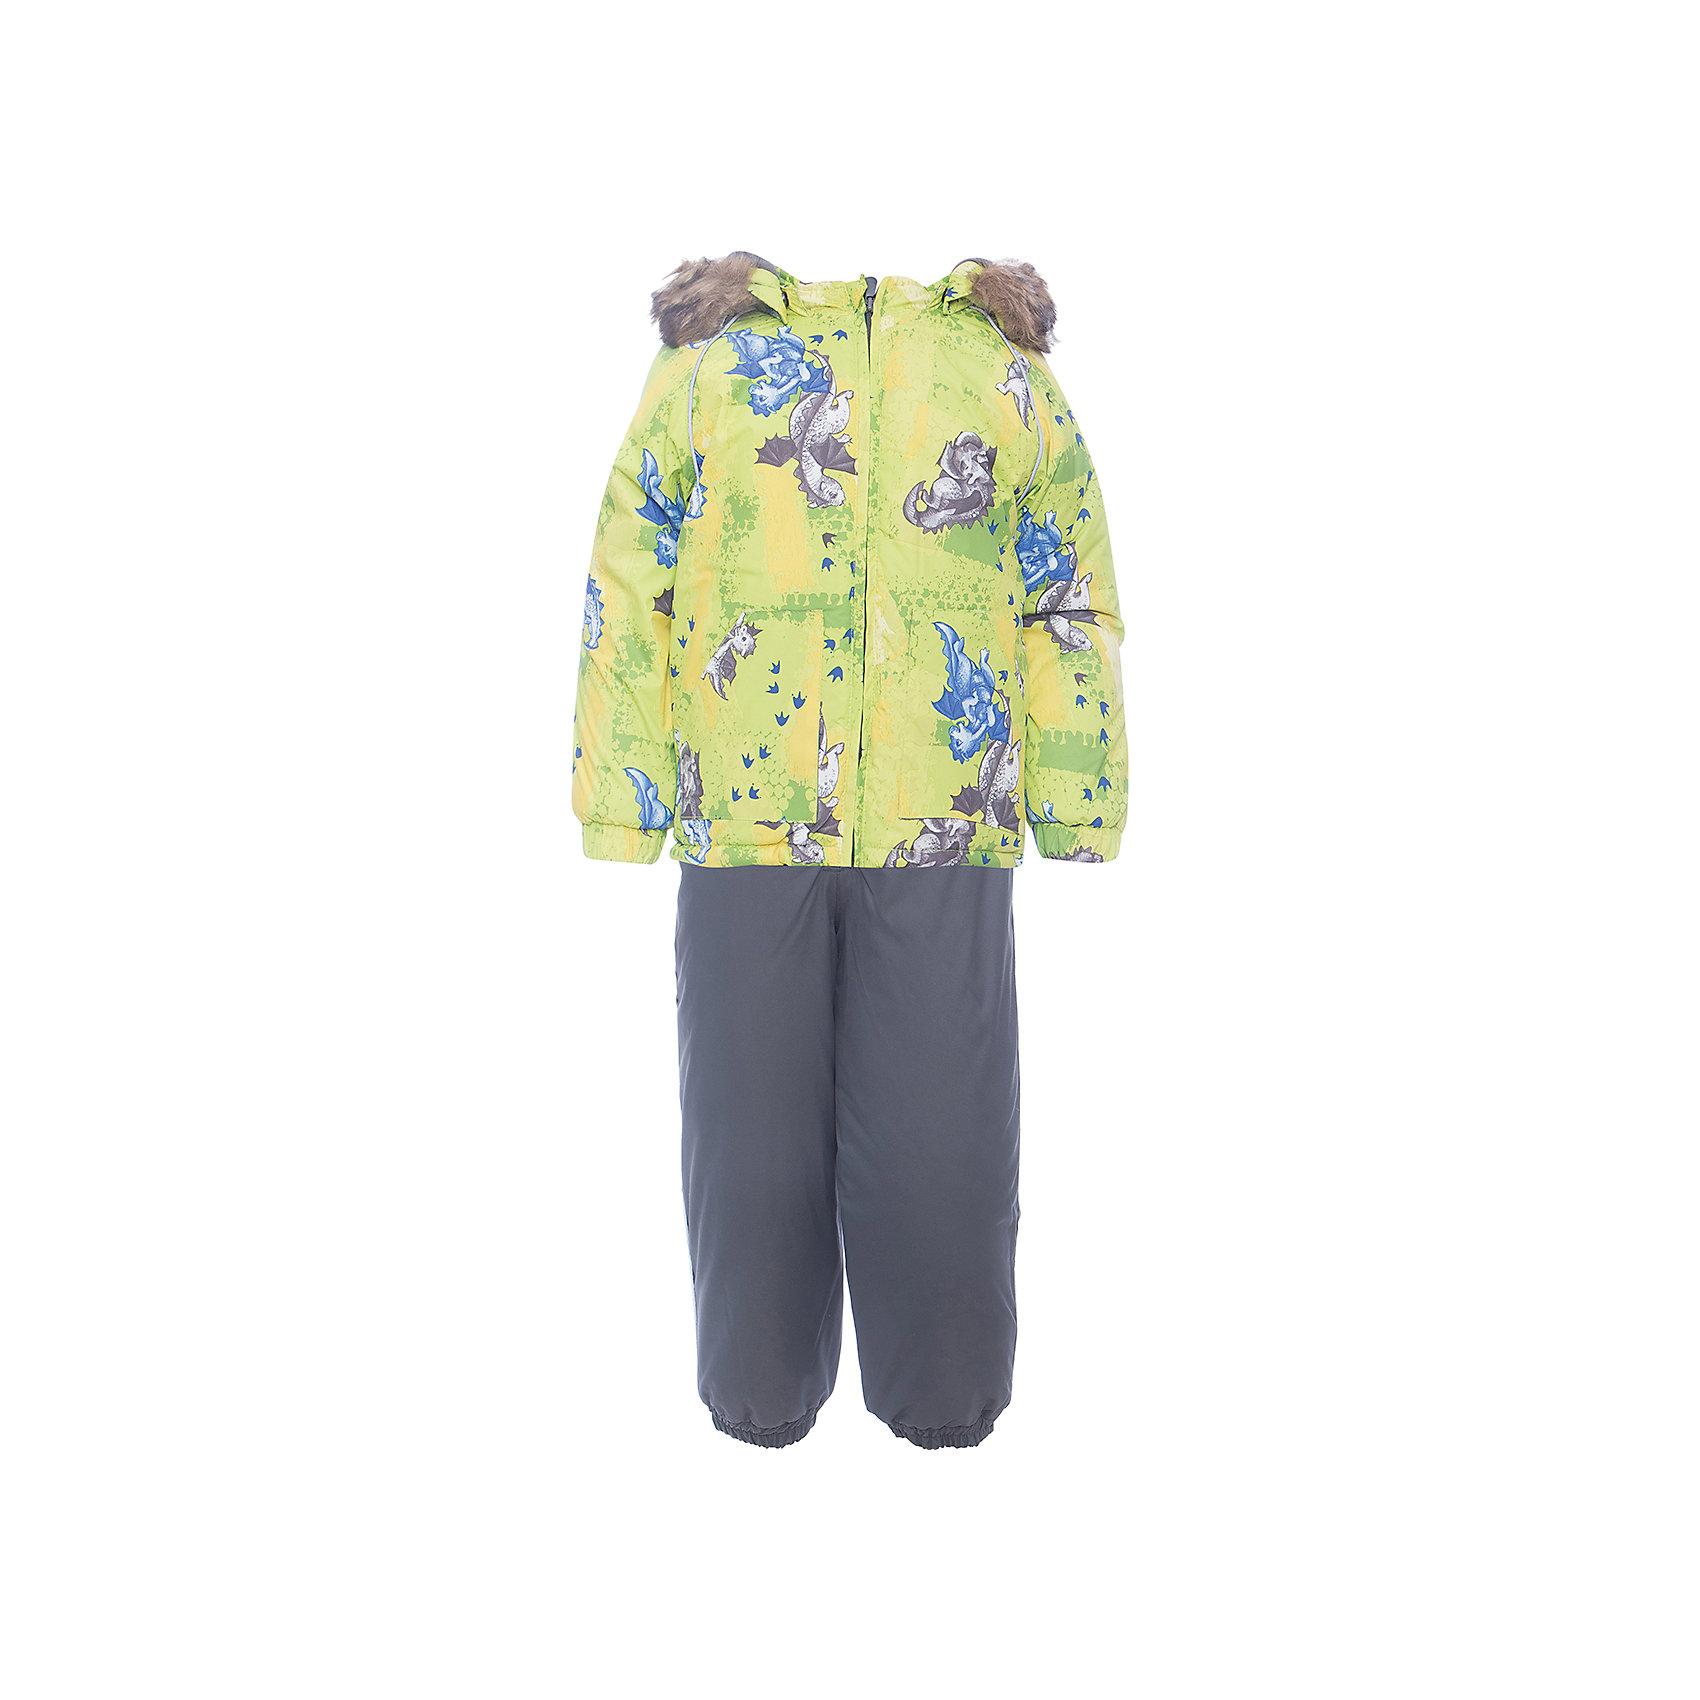 Комплект: куртка и брюки AVERY HuppaВерхняя одежда<br>Комплект для малышей  AVERY.Водо и воздухонепроницаемость 5 000 куртка / 10 000 брюки. Утеплитель 300 гр куртка/160 гр брюки. Подкладка фланель 100% хлопок.Отстегивающийся капюшон с мехом.Манжеты рукавов на резинке. Манжеты брюк на резинке.Добавлены петли для ступней.Резиновые подтяжки.Имеются светоотражательные элементы.<br>Состав:<br>100% Полиэстер<br><br>Ширина мм: 356<br>Глубина мм: 10<br>Высота мм: 245<br>Вес г: 519<br>Цвет: зеленый<br>Возраст от месяцев: 36<br>Возраст до месяцев: 48<br>Пол: Унисекс<br>Возраст: Детский<br>Размер: 104,80,86,92,98<br>SKU: 7026982